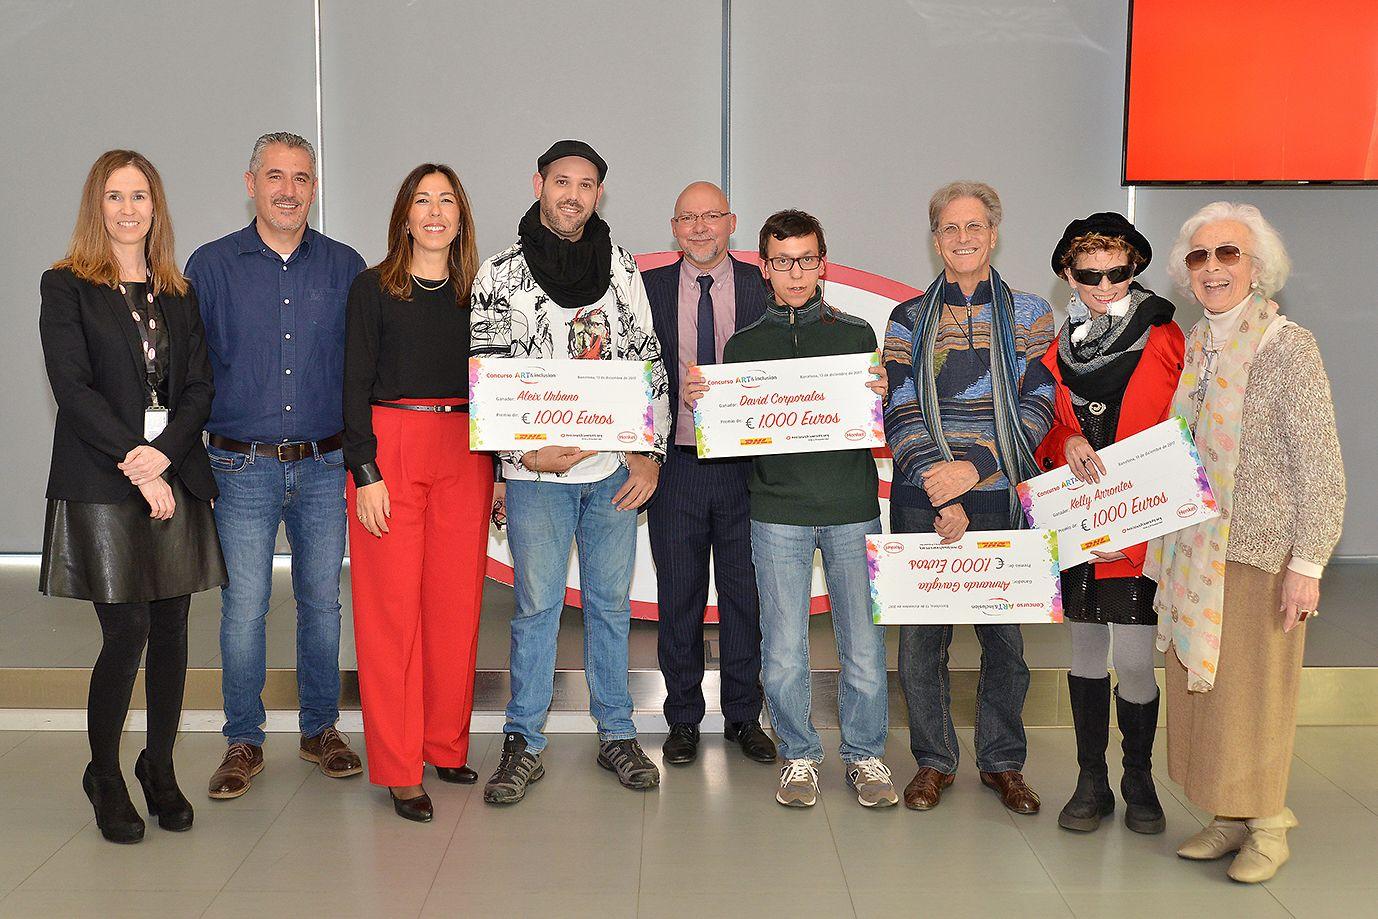 Entrega de premios a los artistas ganadores del concurso Art&Inclusion, organizado por la ONG Artistas Diversos y en colaboración con Henkel y DHL.